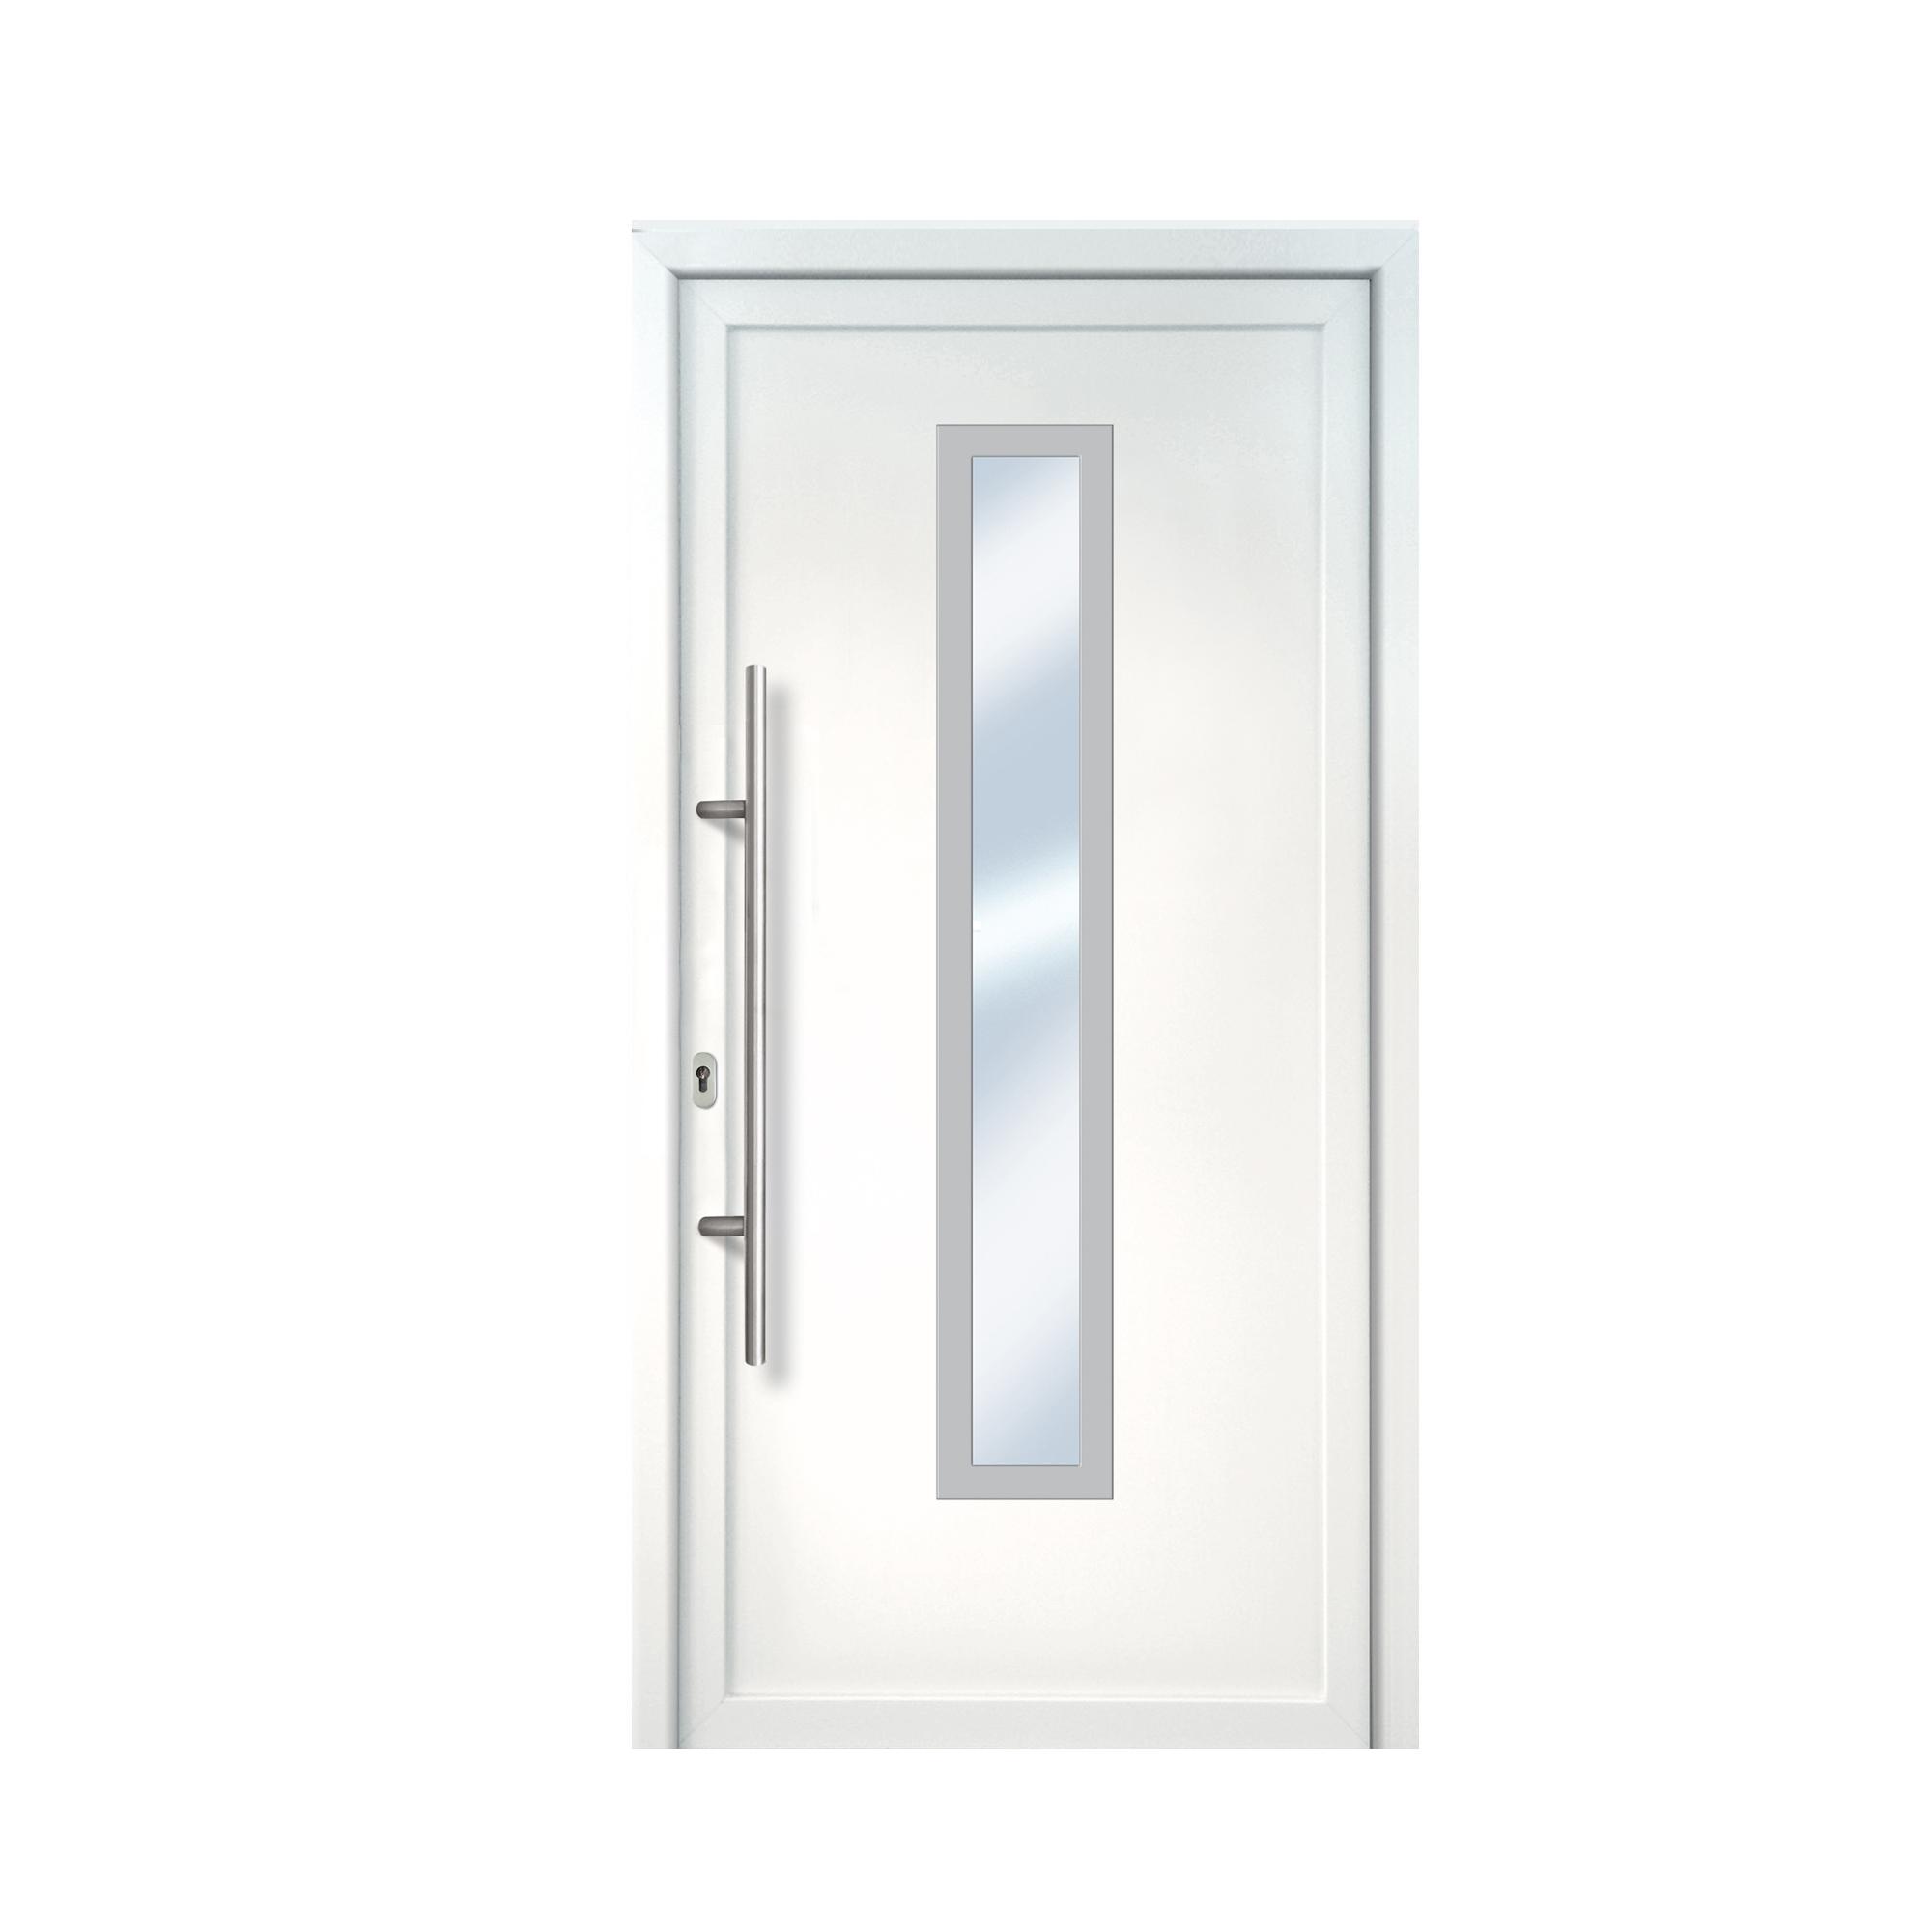 Weiße Haustür weiße haustür nach maß aus kunststoff kp holzshop de